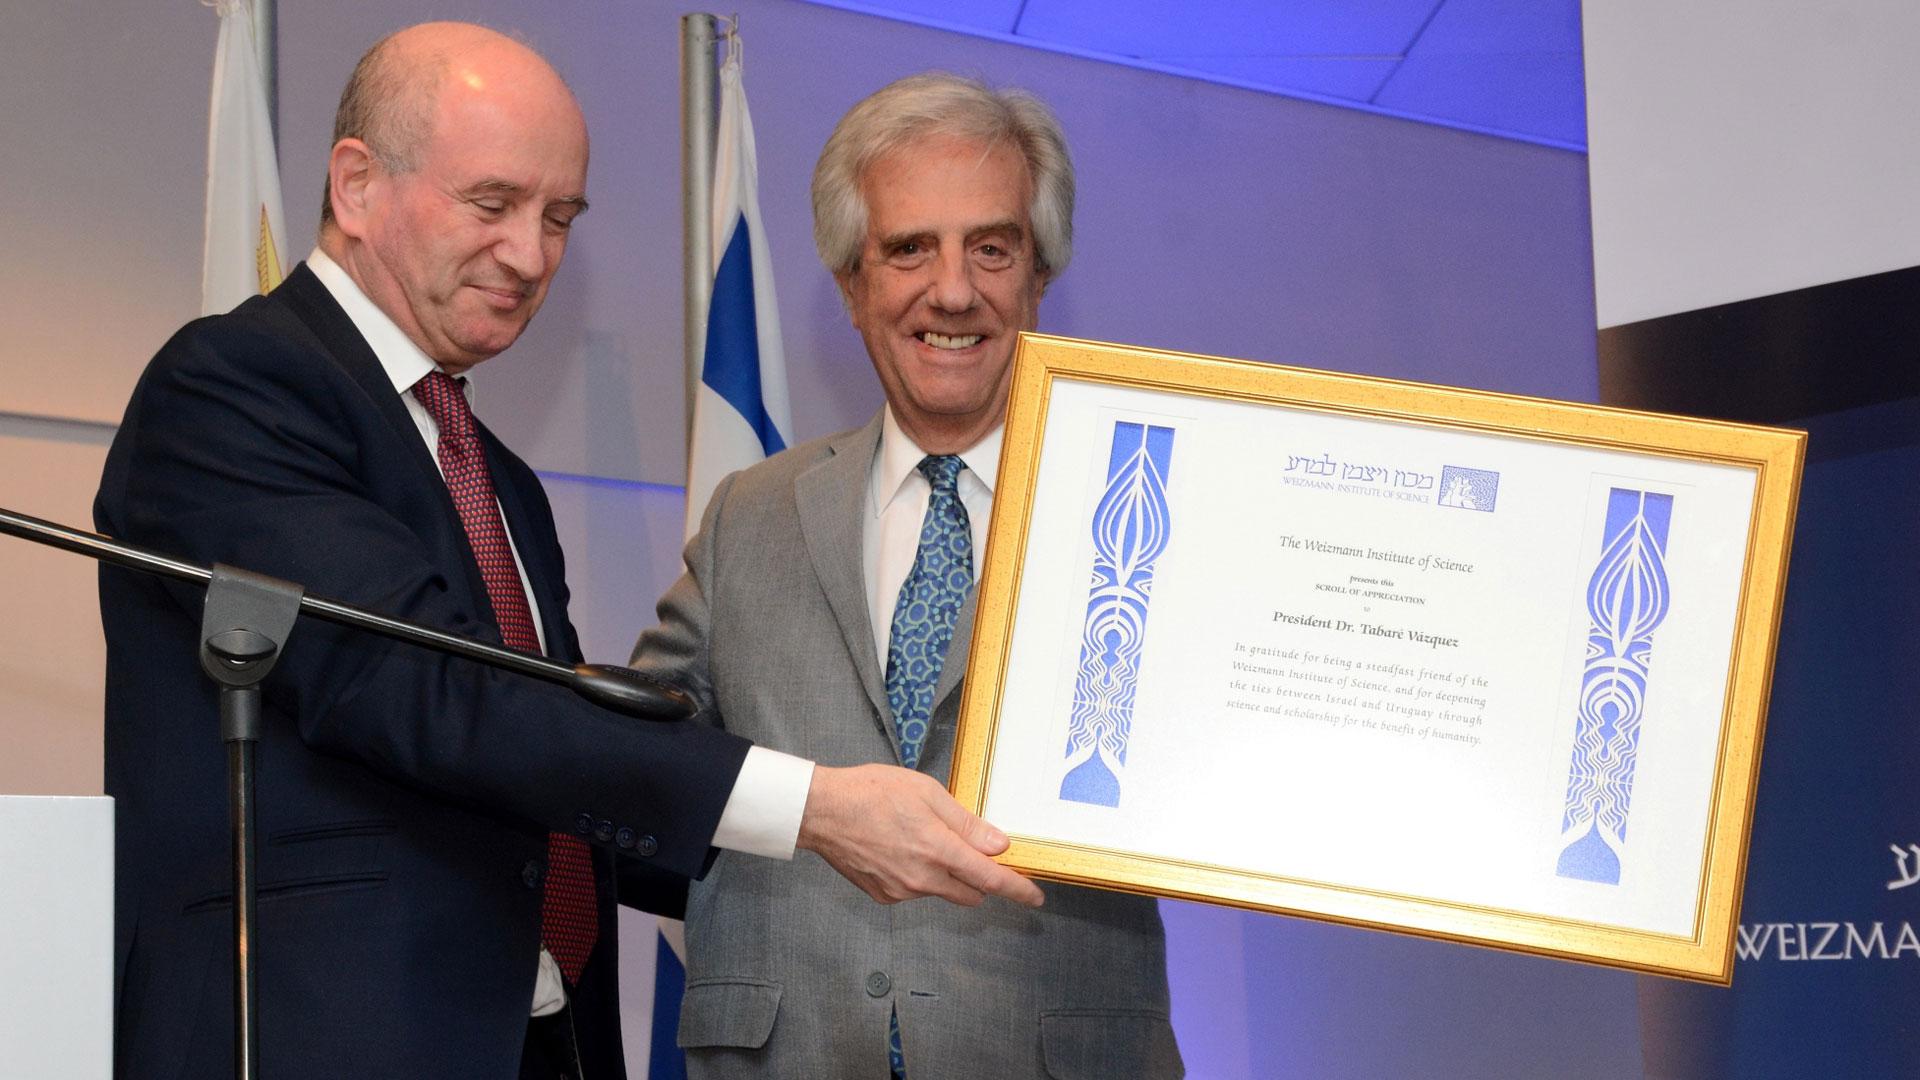 El presidente uruguayo Tabaré Vázquez recibiendo la distinción del instituto, donde cursó estudios superiores.